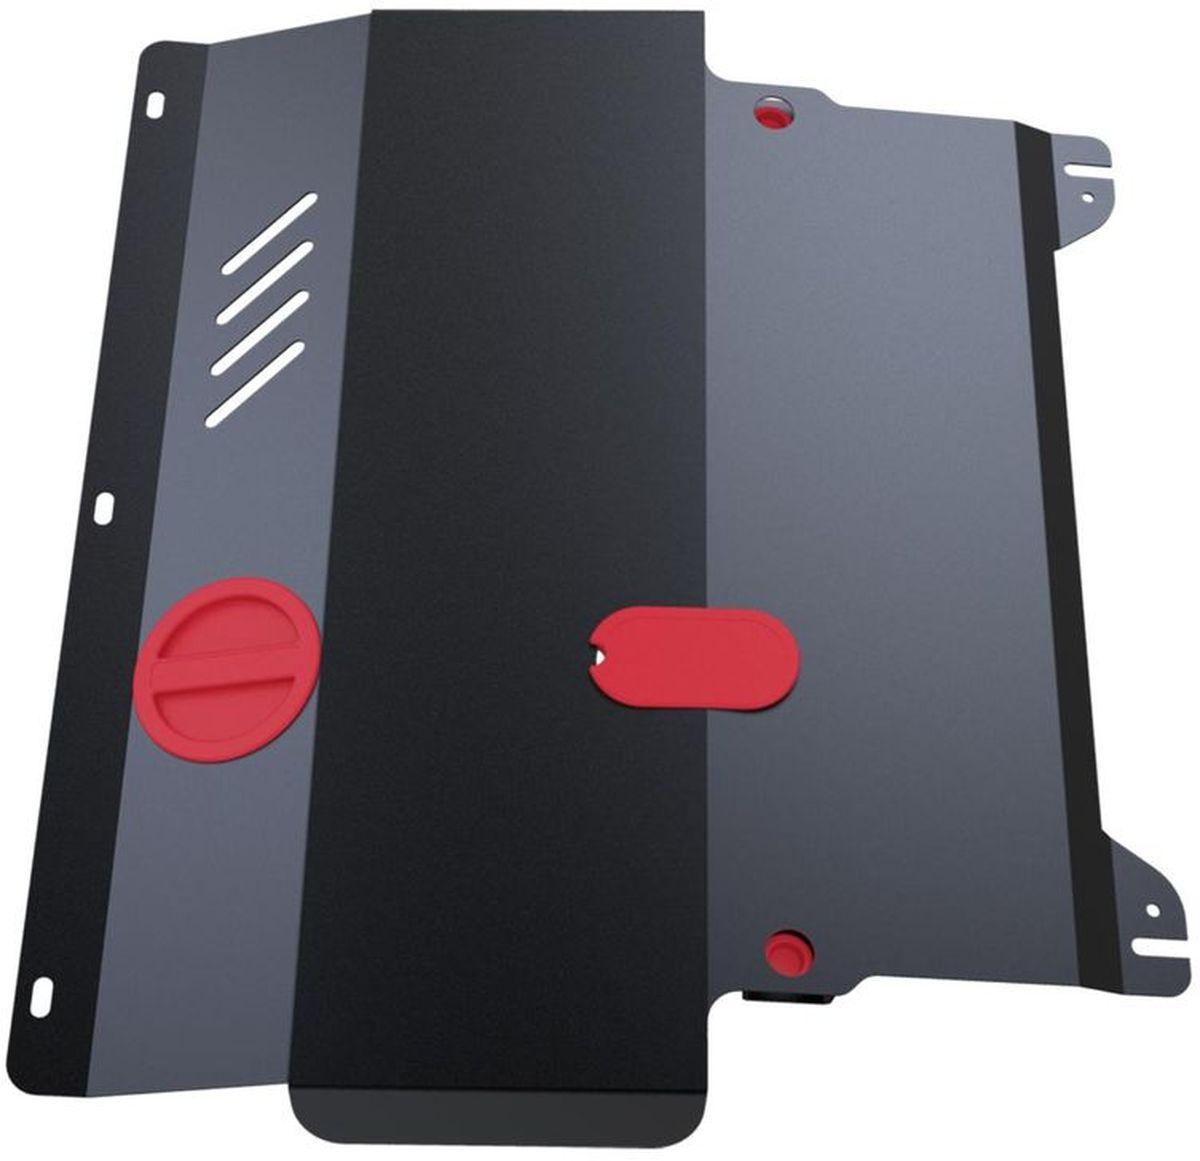 Защита картера и КПП Автоброня, для Mazda CX-7 V - 2,3 (2007-2012)/ Mazda CX-9 V- 3,7 (2007-2012; 2012-)111.03806.3Технологически совершенный продукт за невысокую стоимость. Защита разработана с учетом особенностей днища автомобиля, что позволяет сохранить дорожный просвет с минимальным изменением. Защита устанавливается в штатные места кузова автомобиля. Глубокий штамп обеспечивает до двух раз больше жесткости в сравнении с обычной защитой той же толщины. Проштампованные ребра жесткости препятствуют деформации защиты при ударах. Тепловой зазор и вентиляционные отверстия обеспечивают сохранение температурного режима двигателя в норме. Скрытый крепеж предотвращает срыв крепежных элементов при наезде на препятствие. Шумопоглощающие резиновые элементы обеспечивают комфортную езду без вибраций и скрежета металла, а съемные лючки для слива масла и замены фильтра - экономию средств и время. Конструкция изделия не влияет на пассивную безопасность автомобиля (при ударе защита не воздействует на деформационные зоны кузова). Со штатным крепежом. В комплекте инструкция по установке....